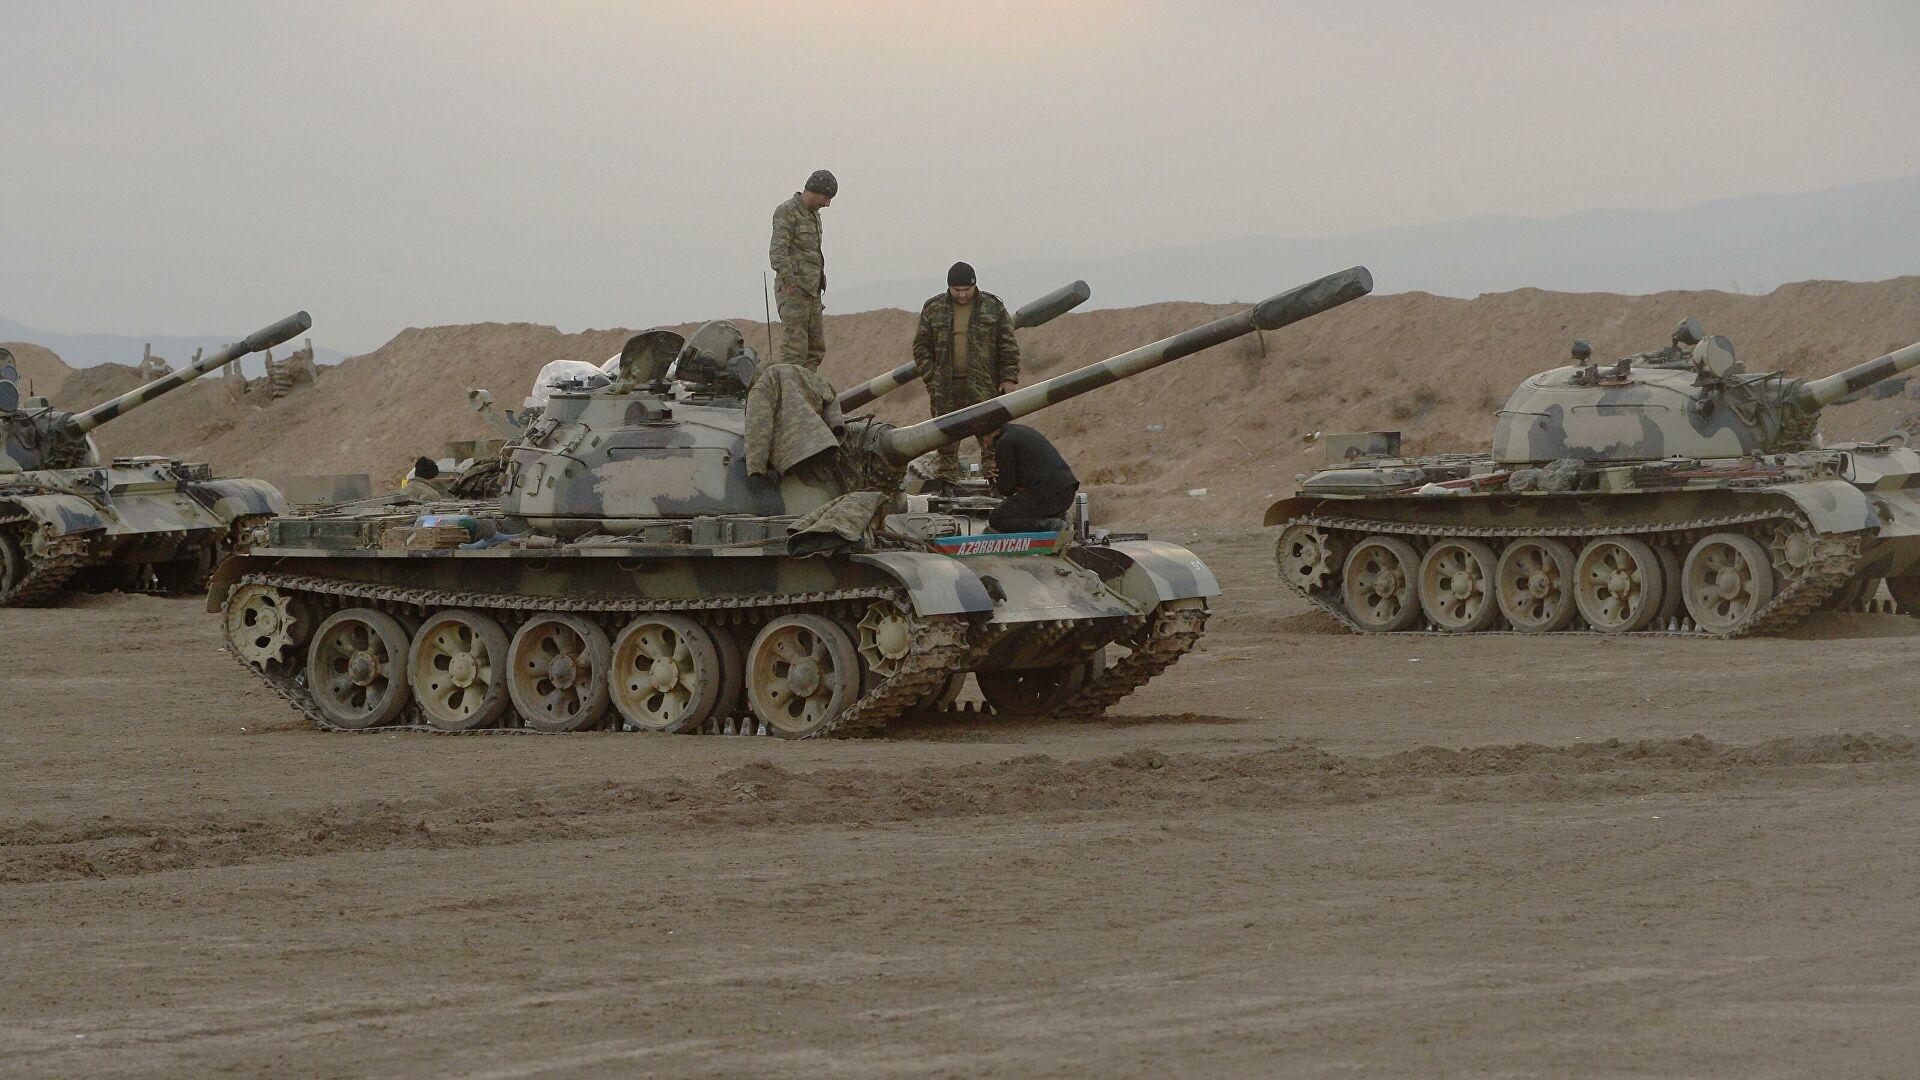 Азербайджан заявил об обстреле своих позиций на границе с Арменией